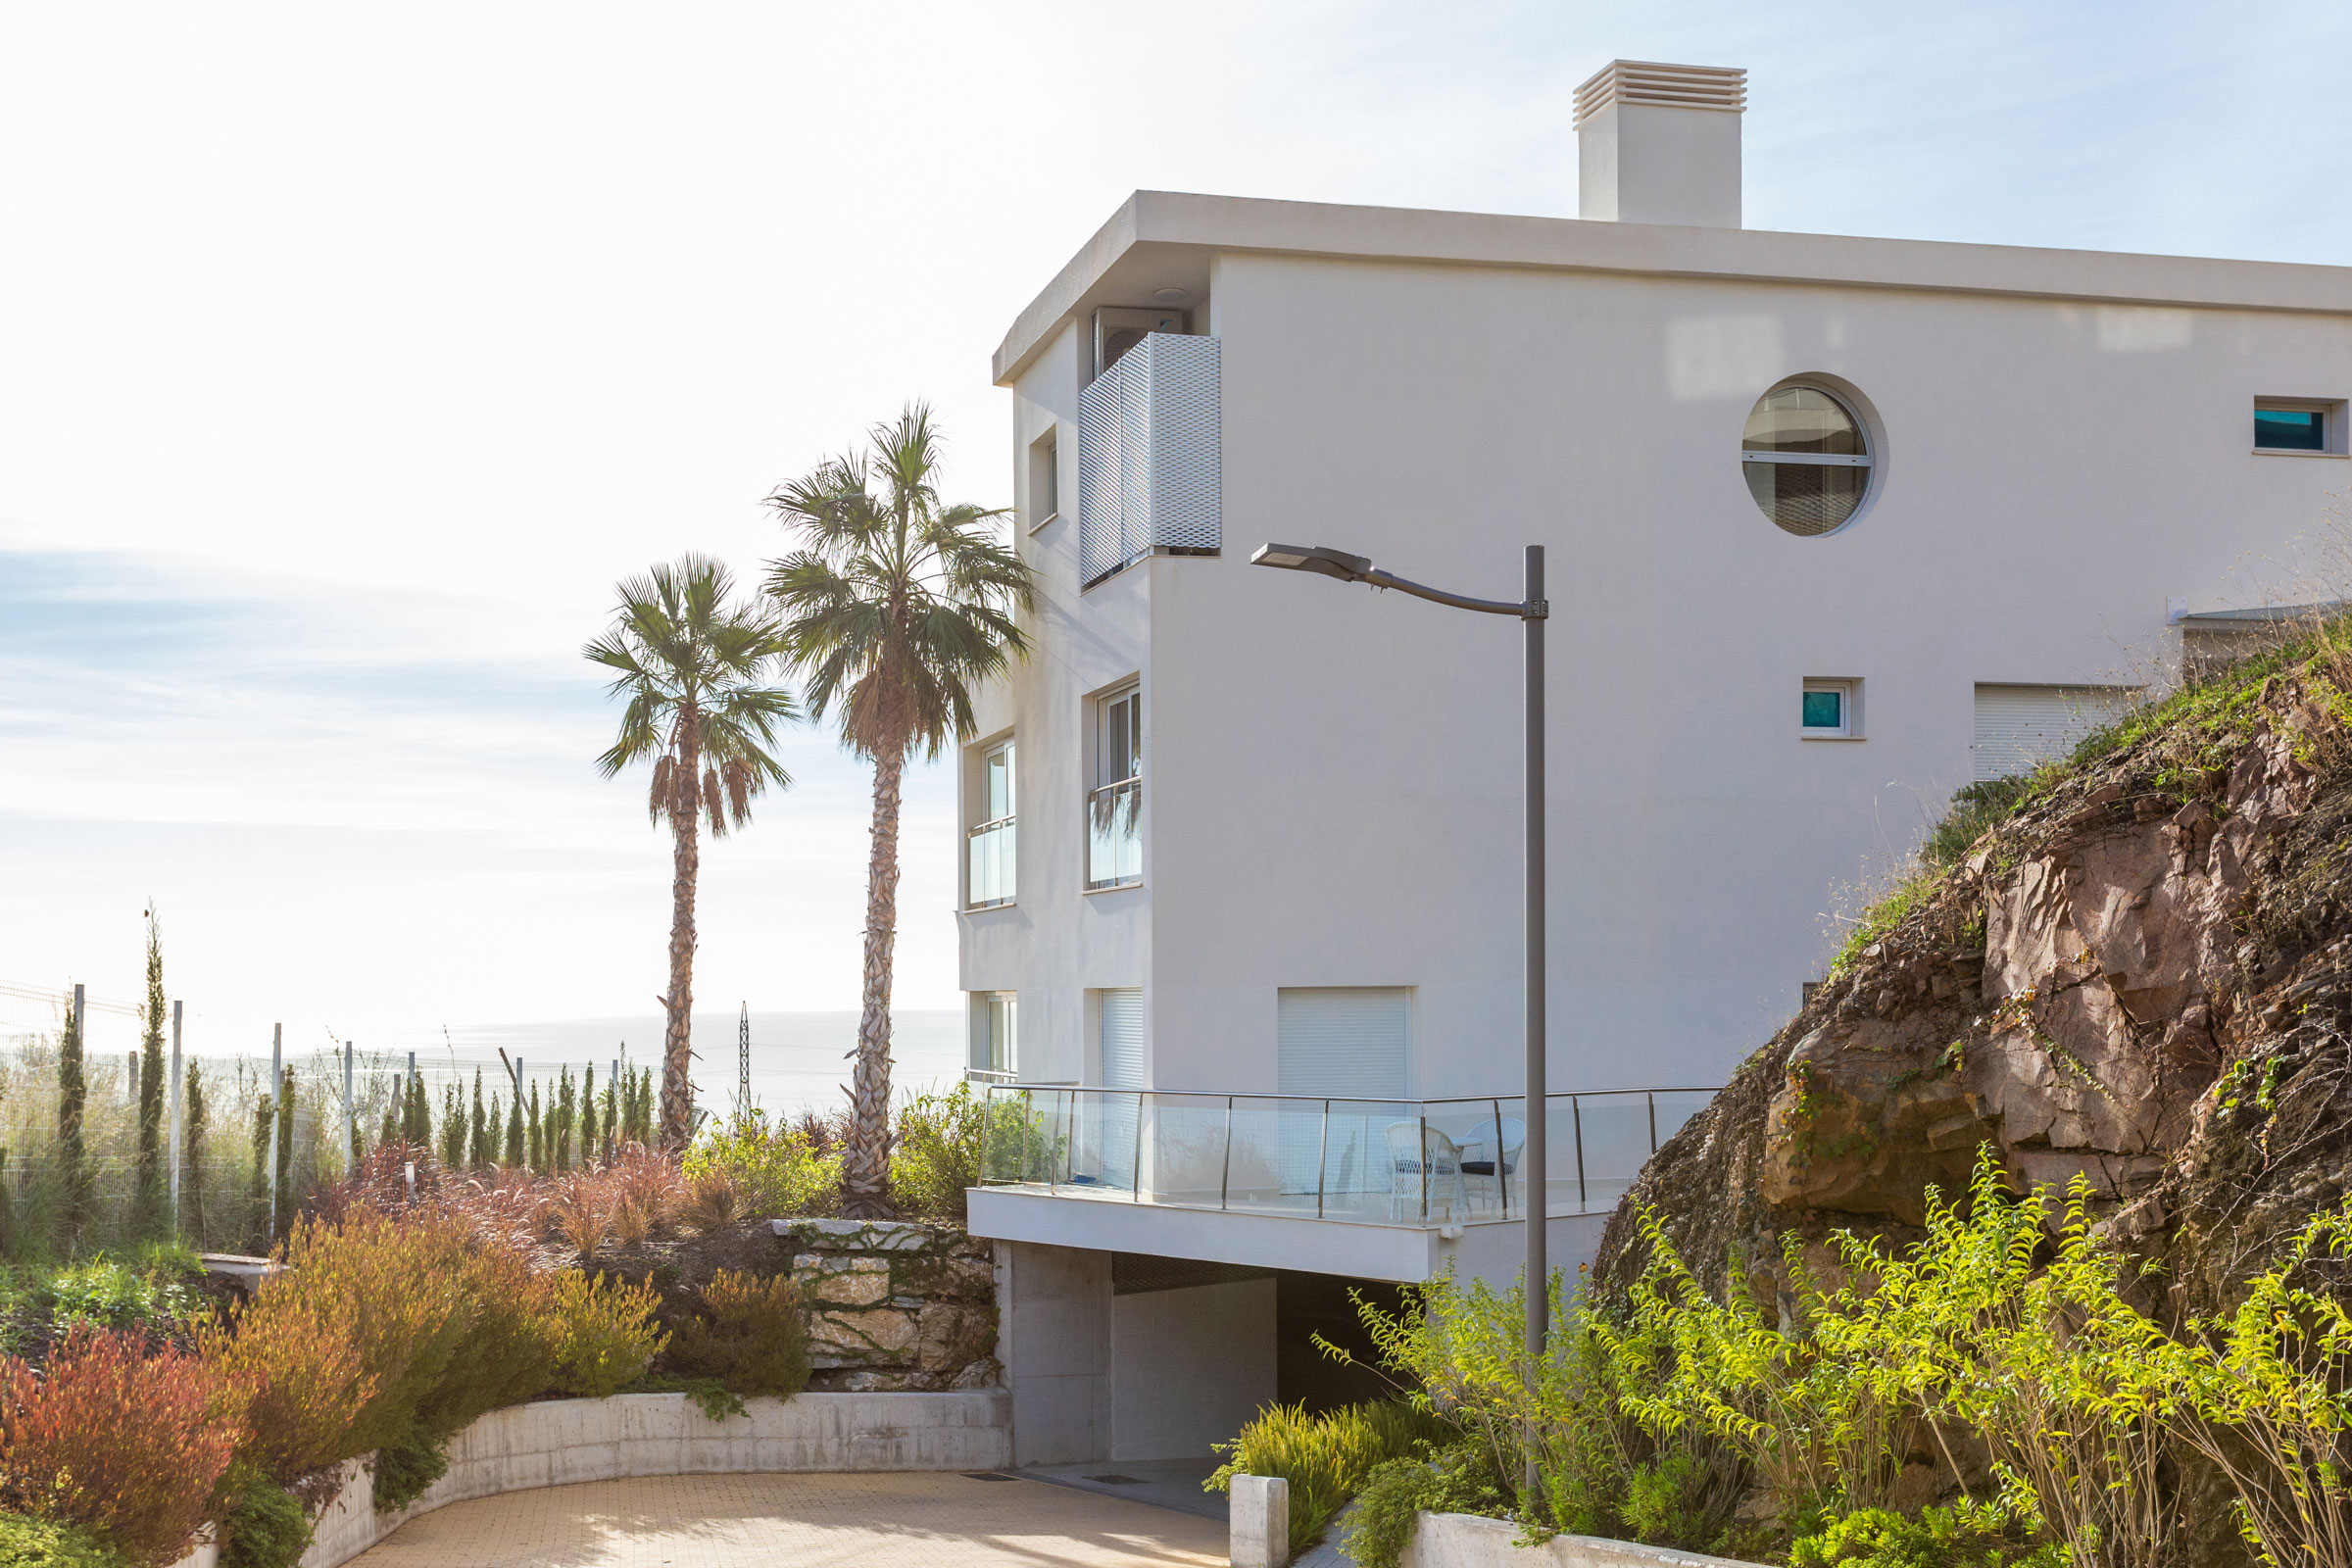 hill-collection-apartamentos-sismo-spain